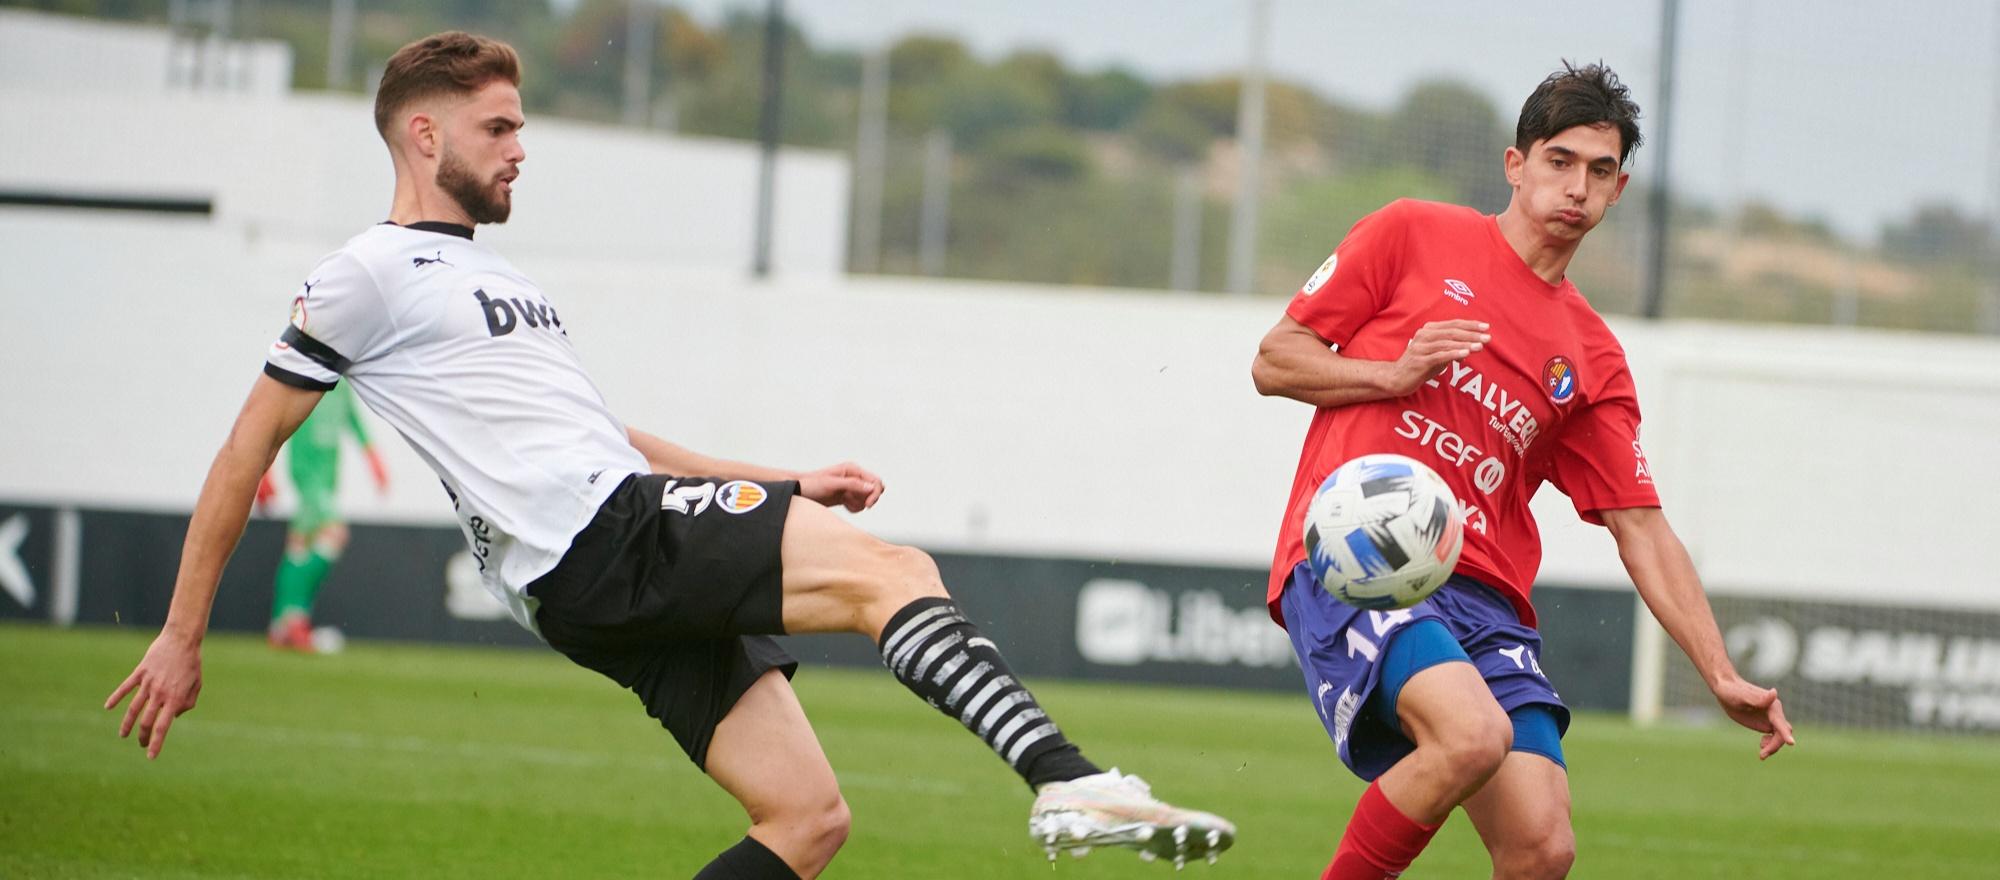 Resum i gols de la jornada 2 de la segona fase de Segona Divisió 'B' (Grup 3)